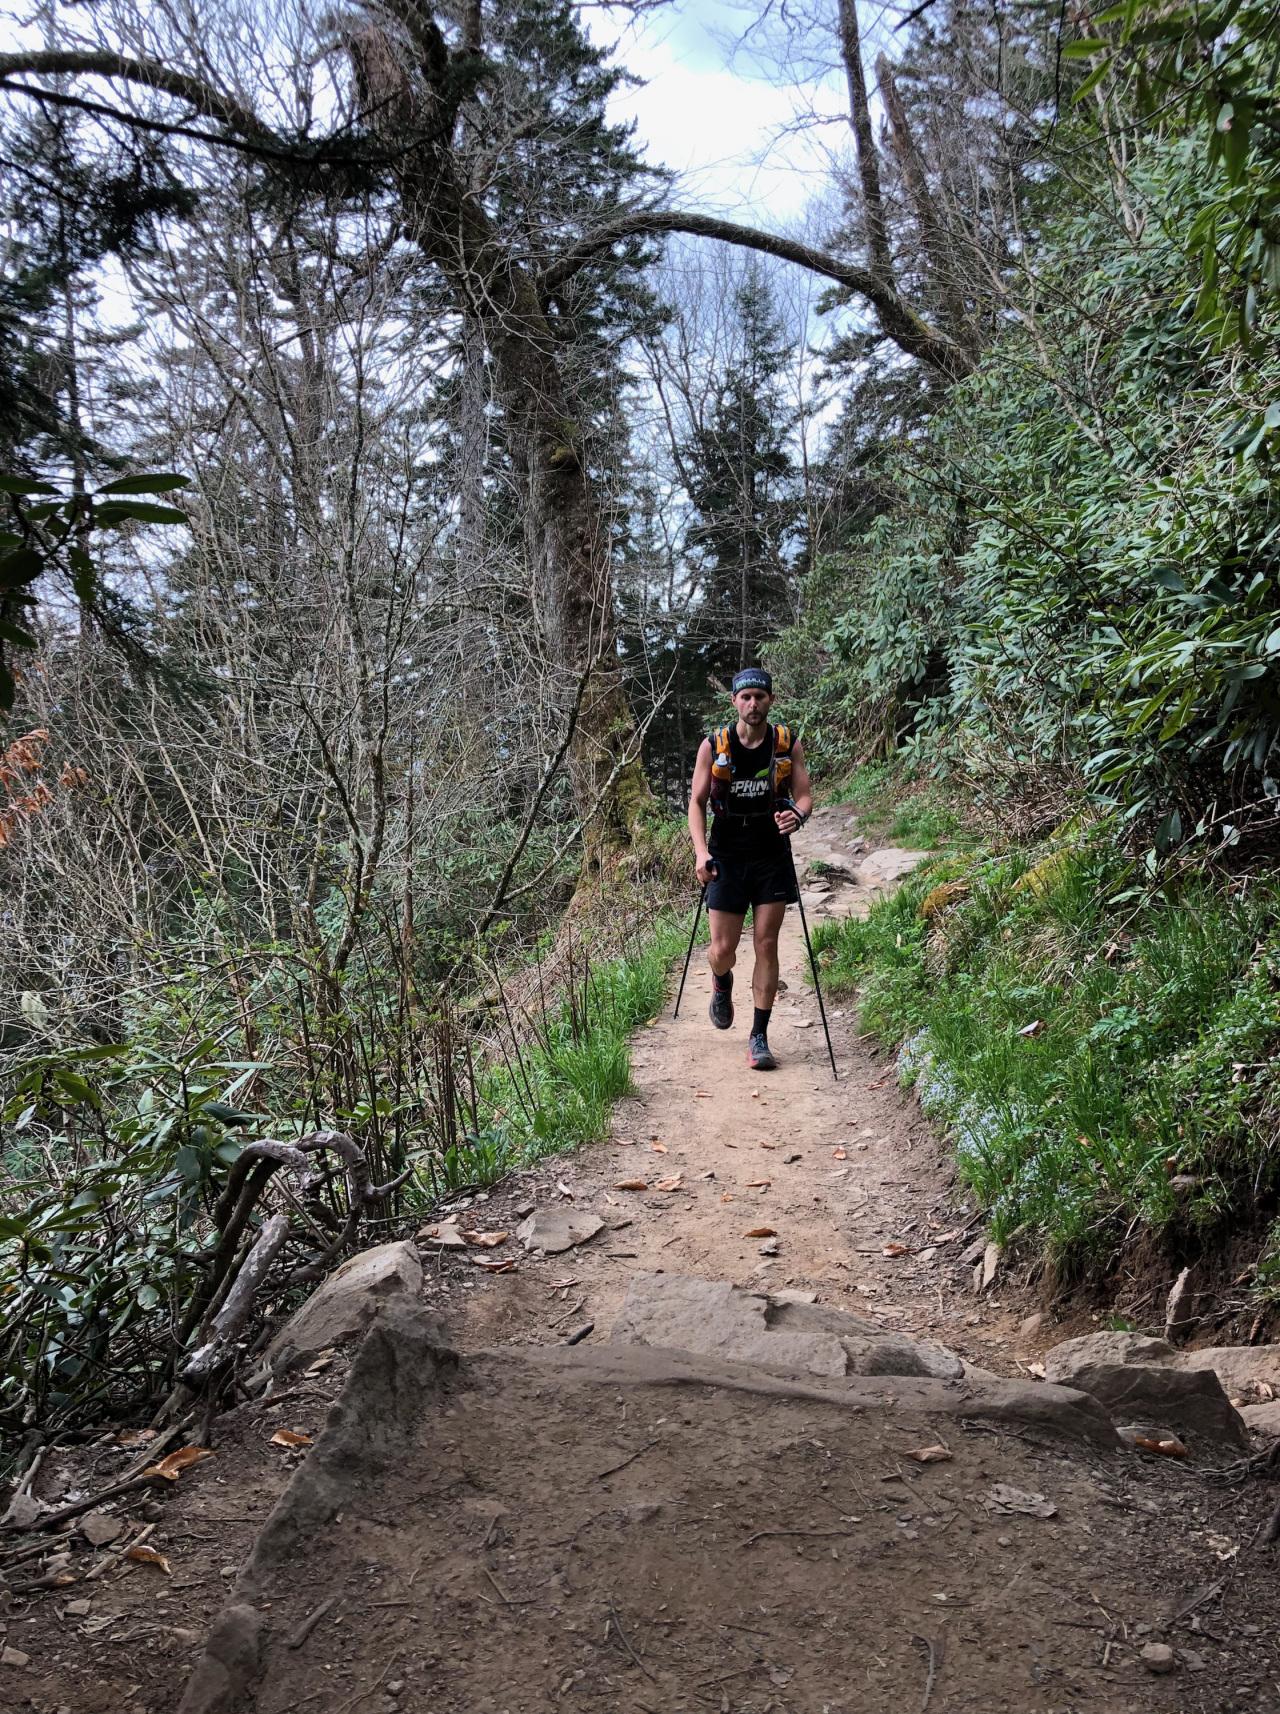 SCAR ultramarathon